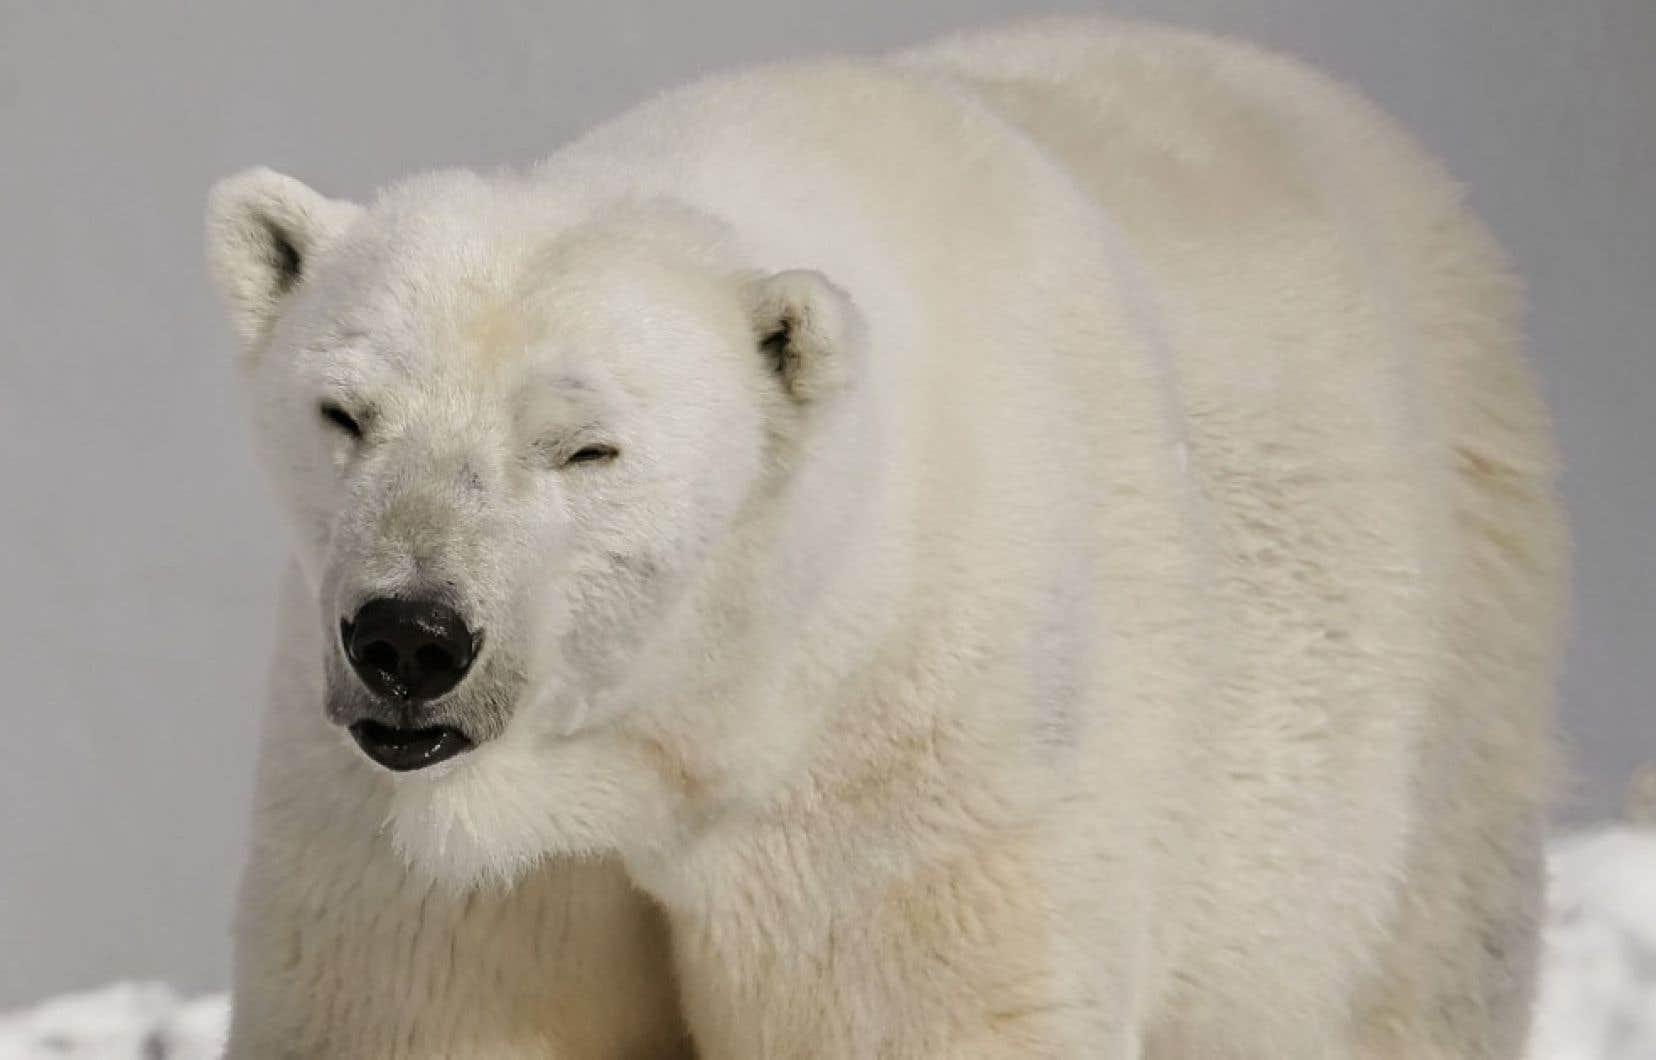 Le Canada a refusé en mars dernier d'appuyer une proposition internationale qui aurait permis d'interdire le commerce des ours polaires et des produits dérivés de cette espèce.